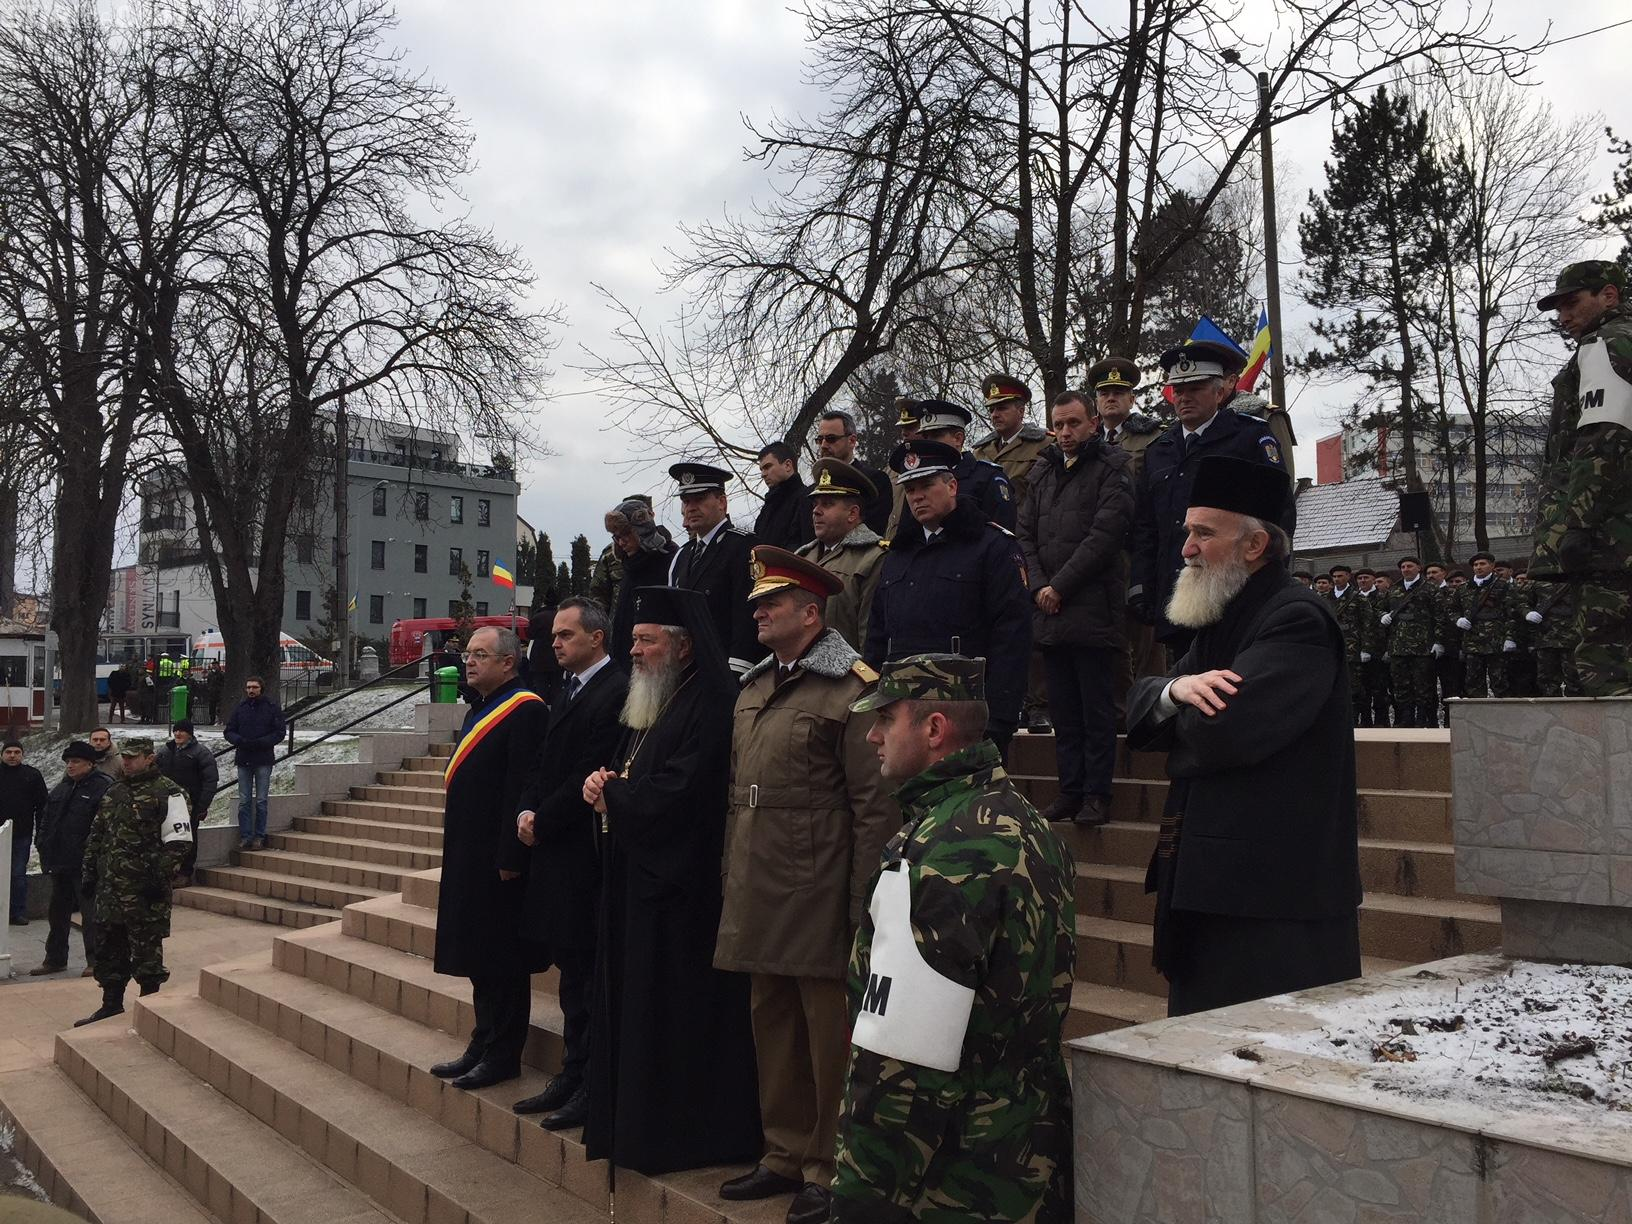 Martirii Revoluției, comemorați la Cluj-Napoca. Revoluționarii au venit cu mesaje de protest FOTO